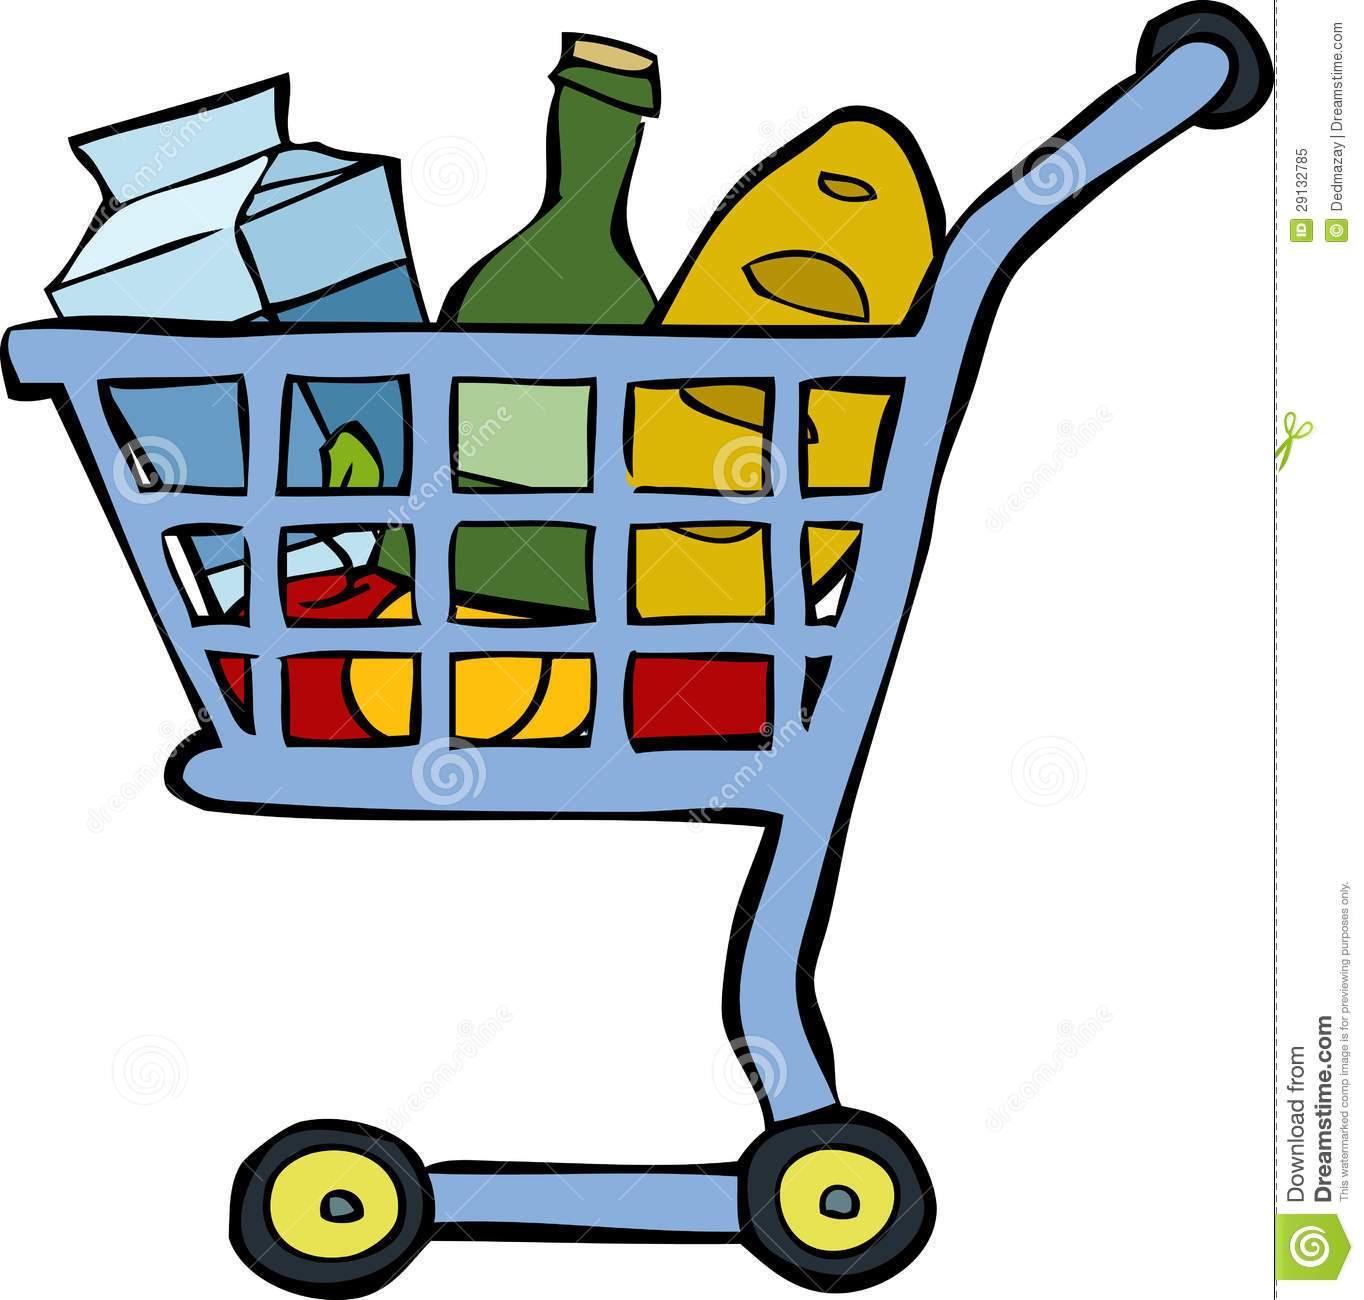 Carrinho de supermercado clipart black and white Carrinho de compras clipart » Clipart Portal black and white